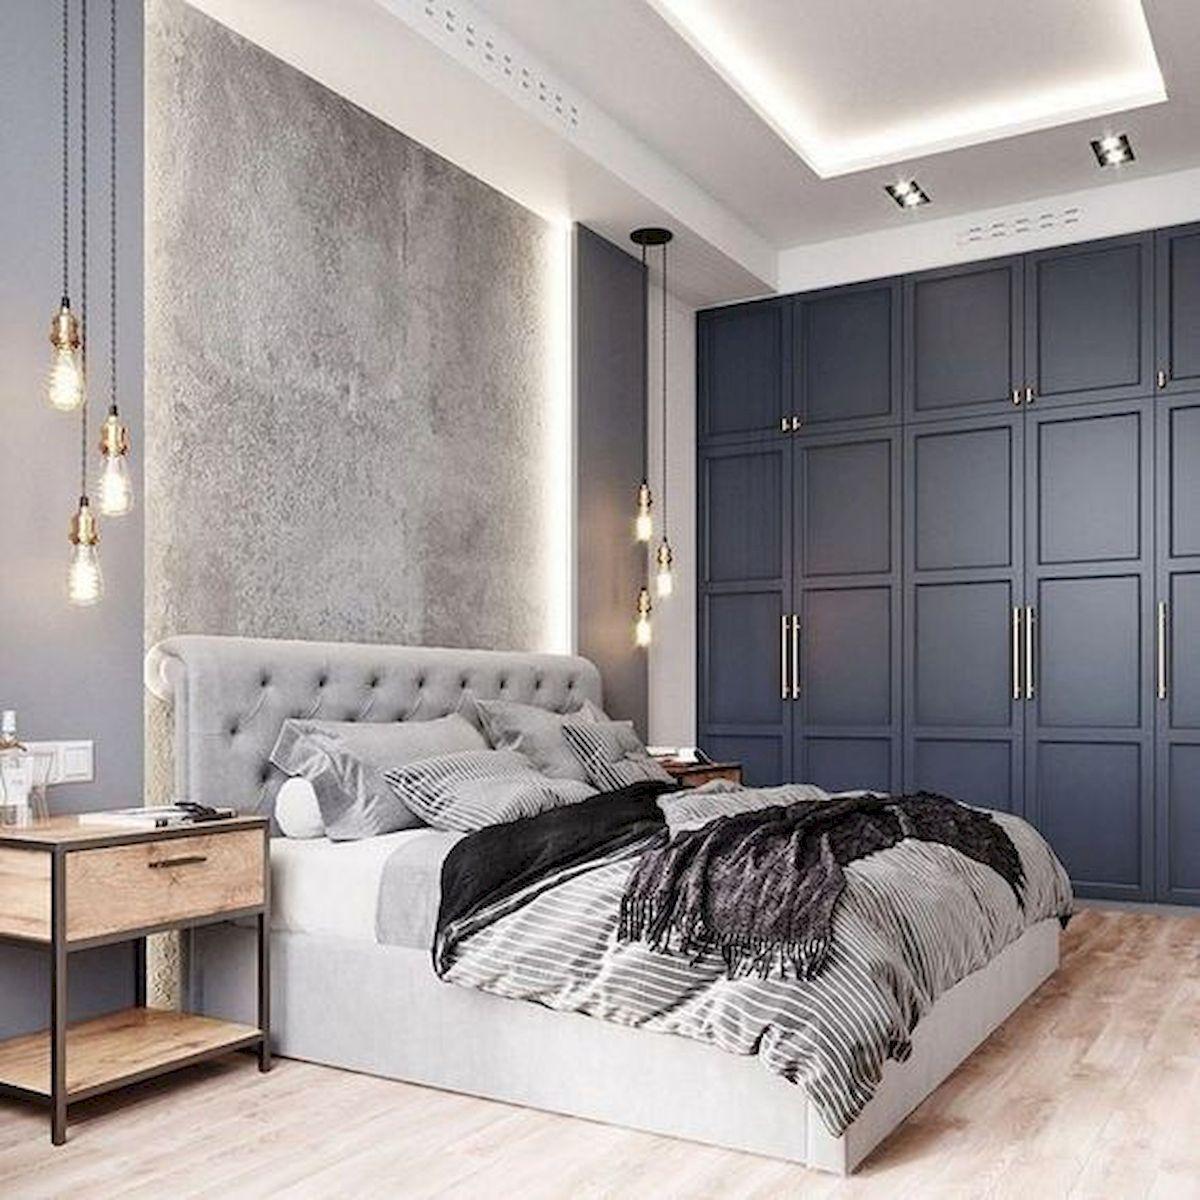 Phòng ngủ đẹp nhất với tủ âm tường xanh dương và đèn treo